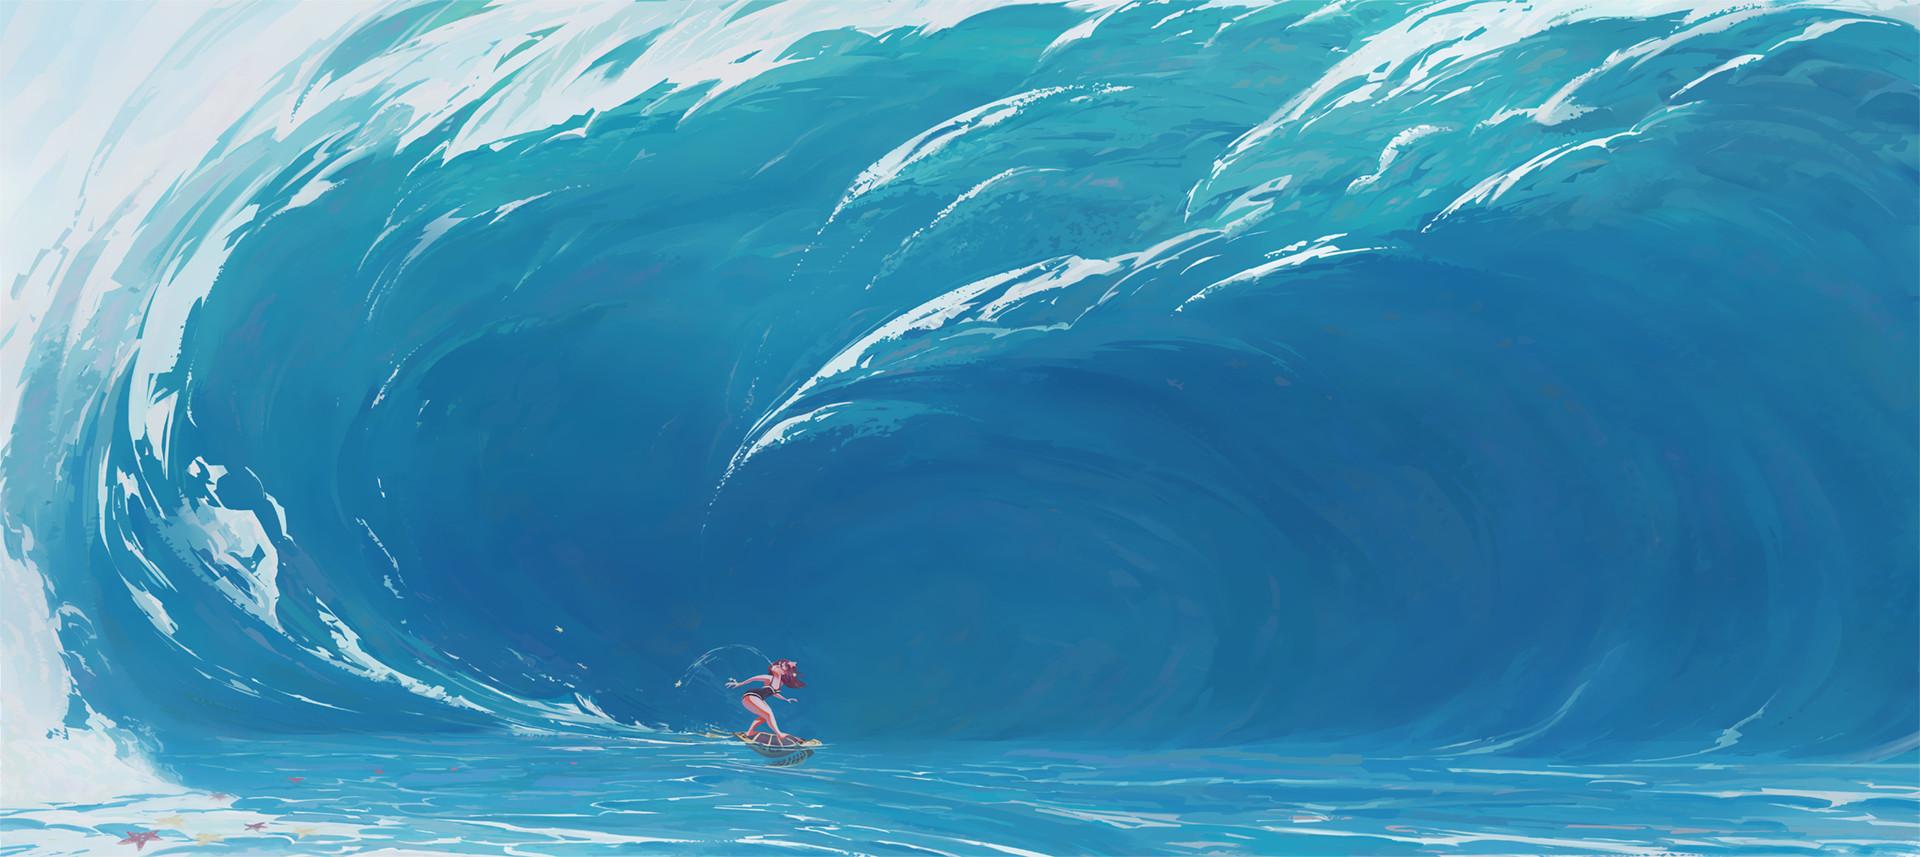 General 1920x857 Slawek Fedorczuk concept art sea waves foam women turtle water giant surfing blue